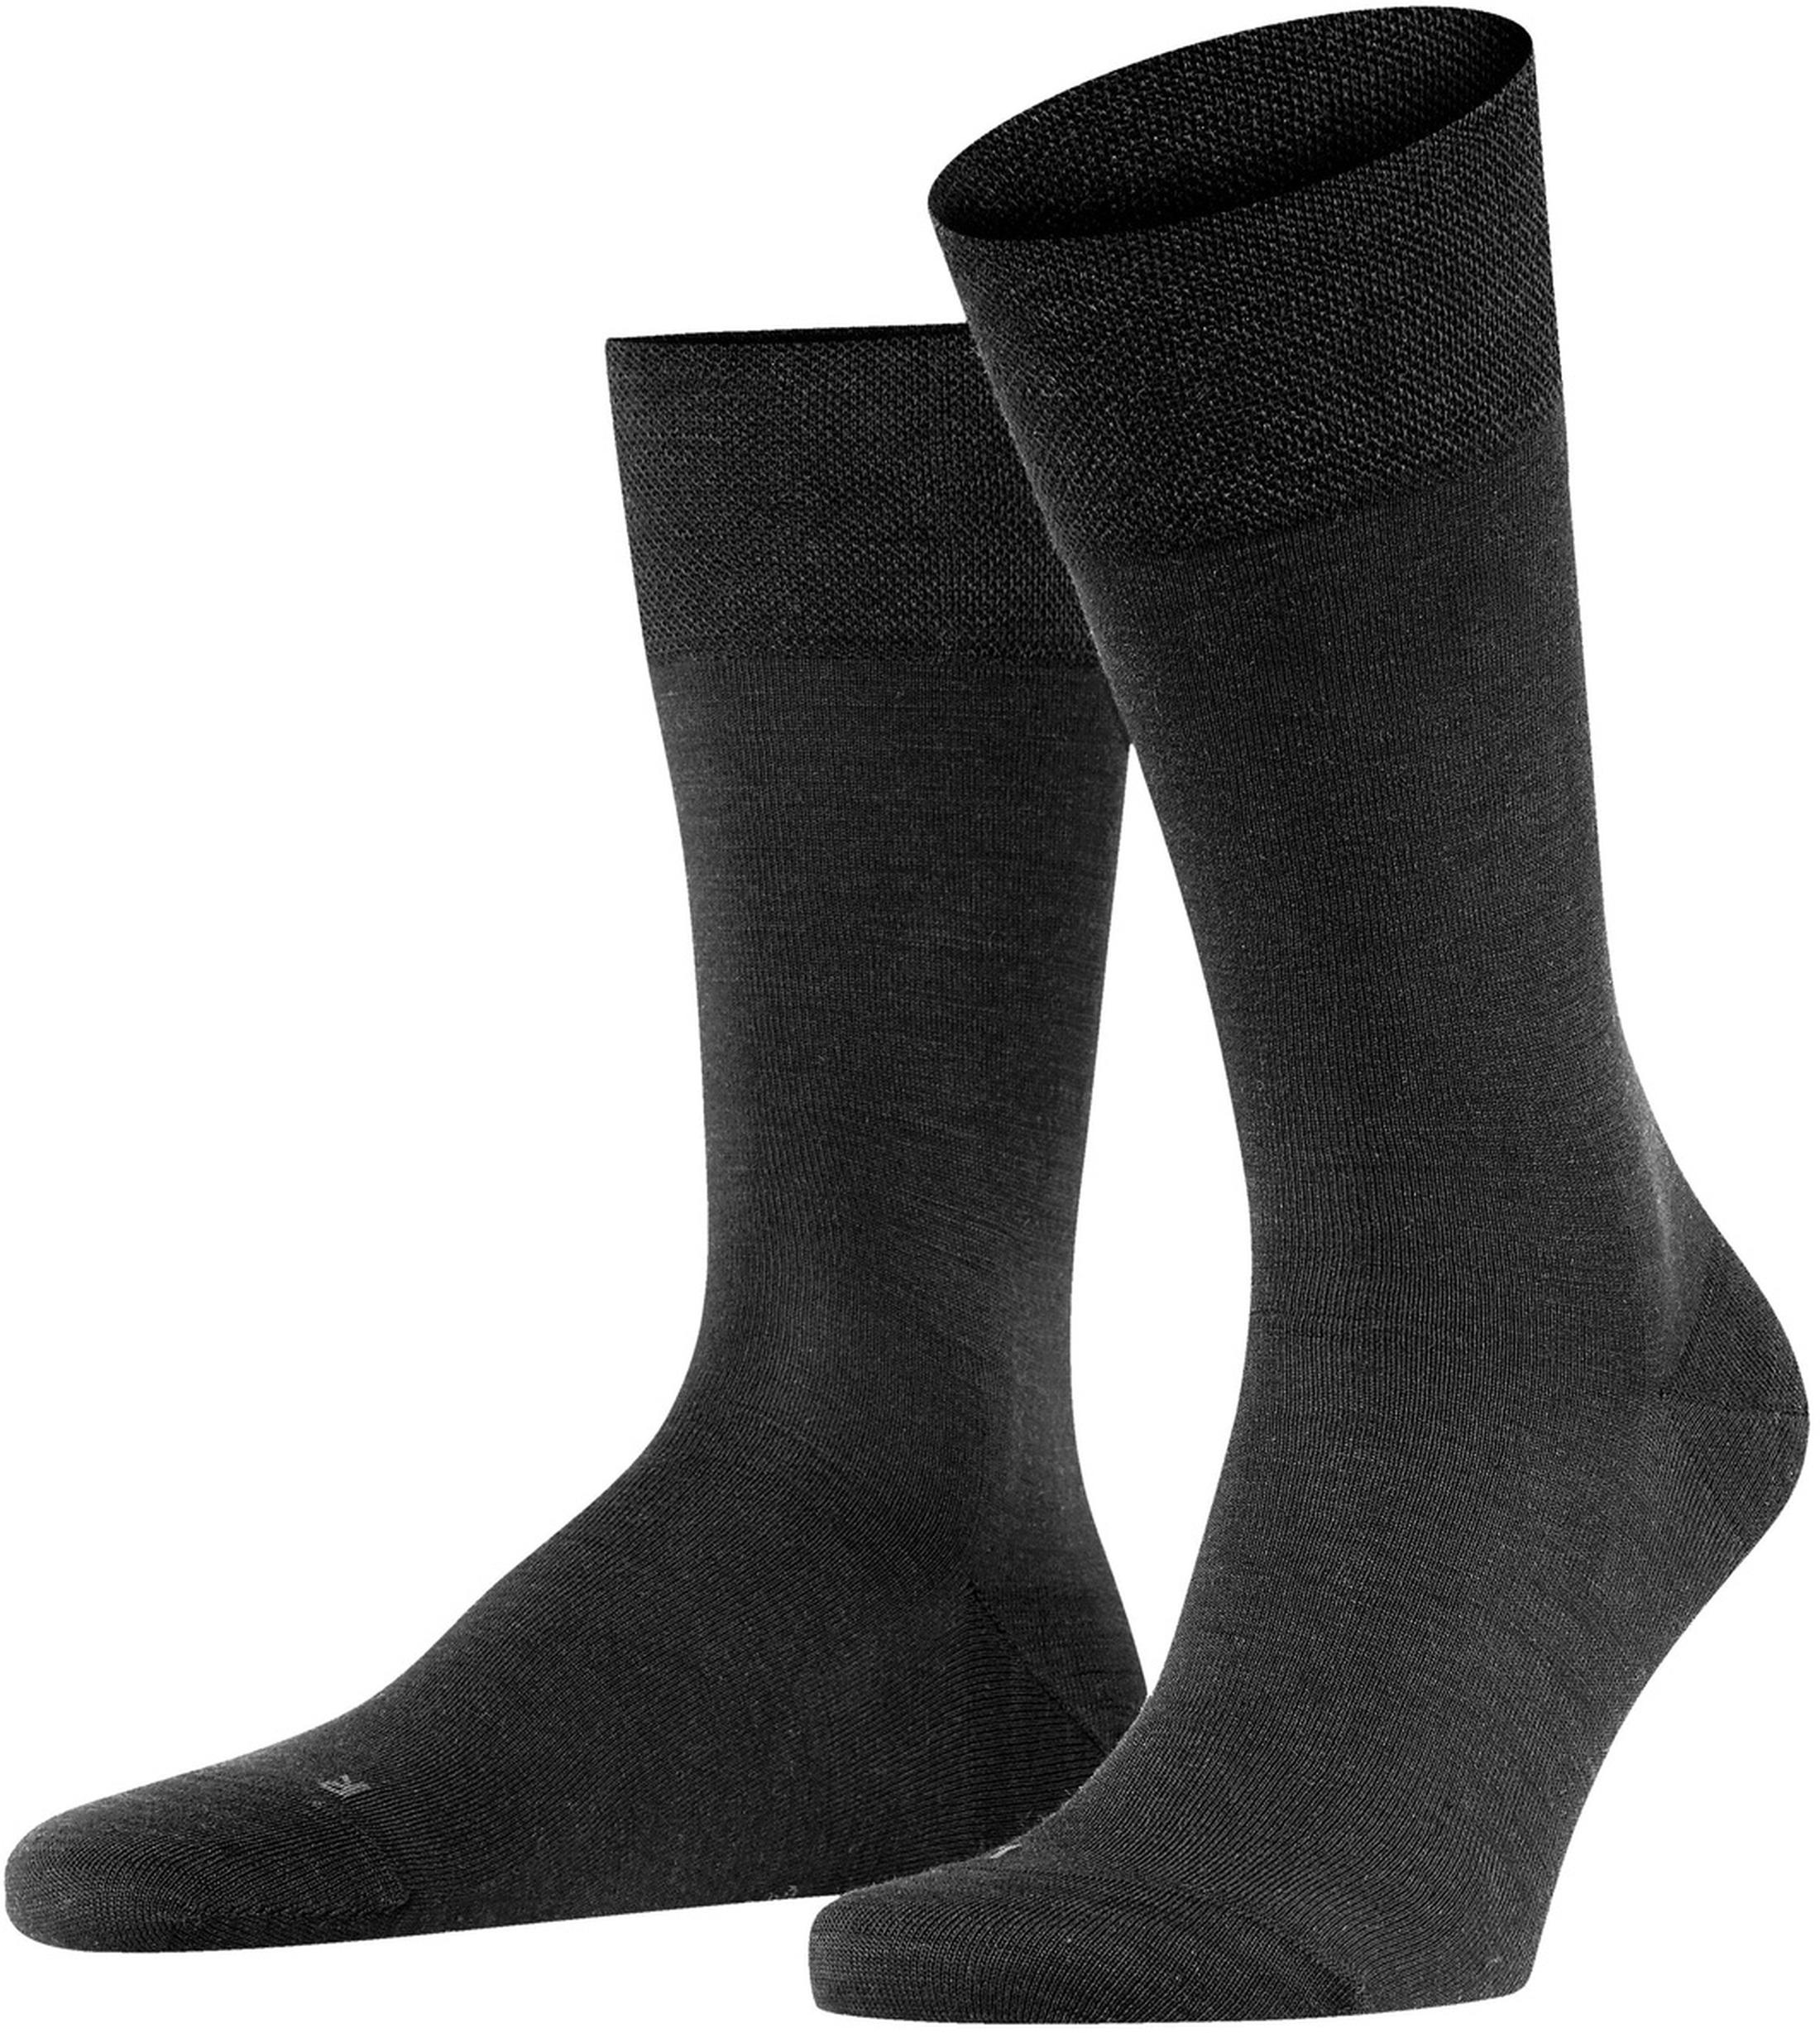 FALKE Sensitive Socken Berlin 3000